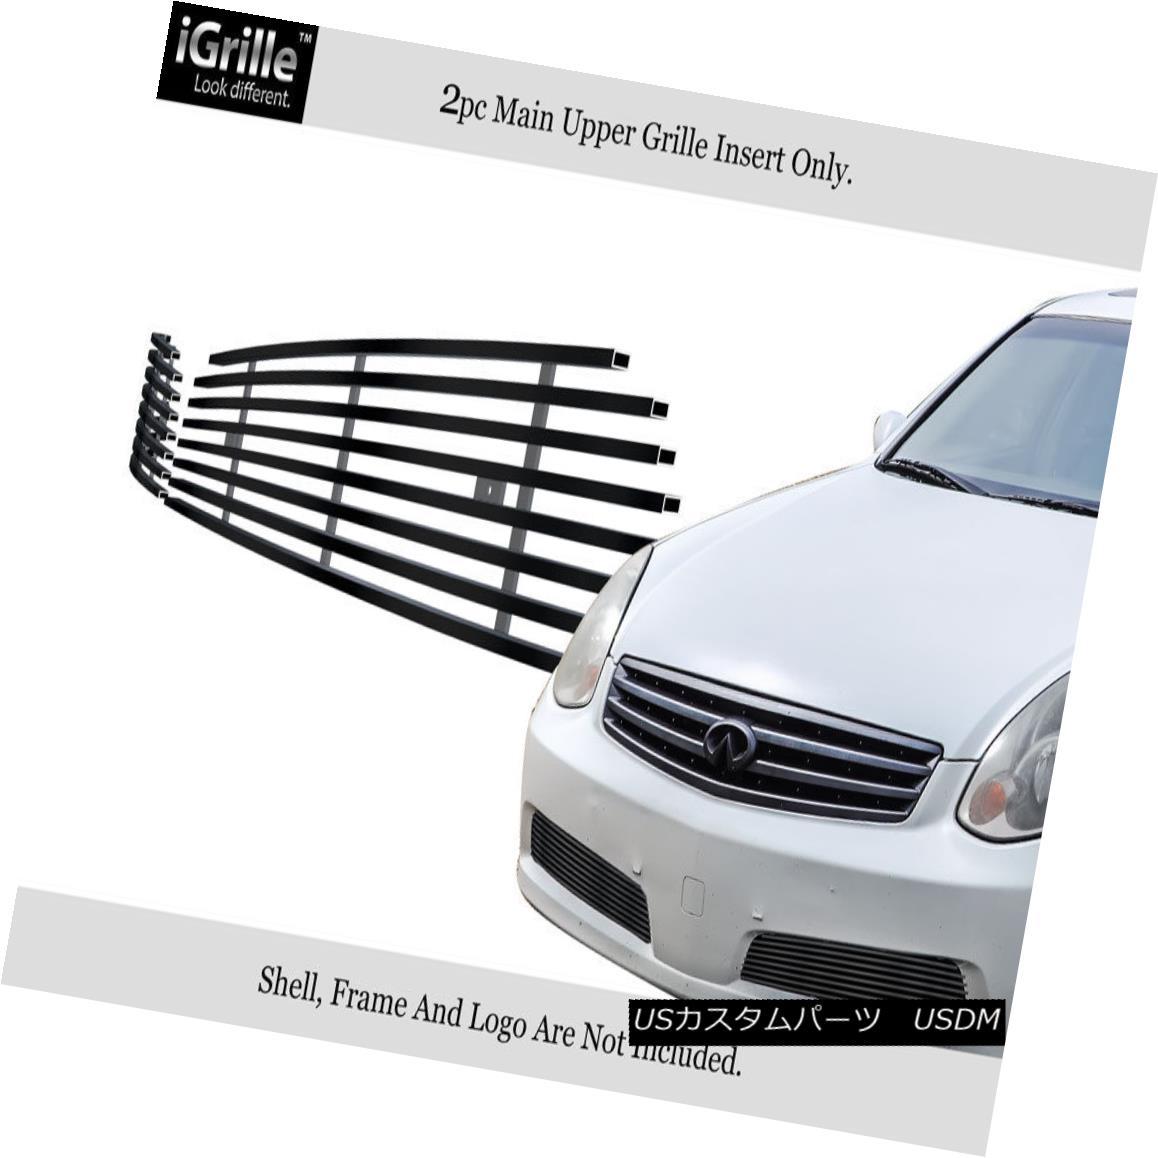 グリル Fits 2005-2006 Infiniti G35 Sedan Black Bumper Stainless Steel Billet Grille フィット2005-2006インフィニティG35セダンブラックバンパーステンレス鋼ビレットグリル